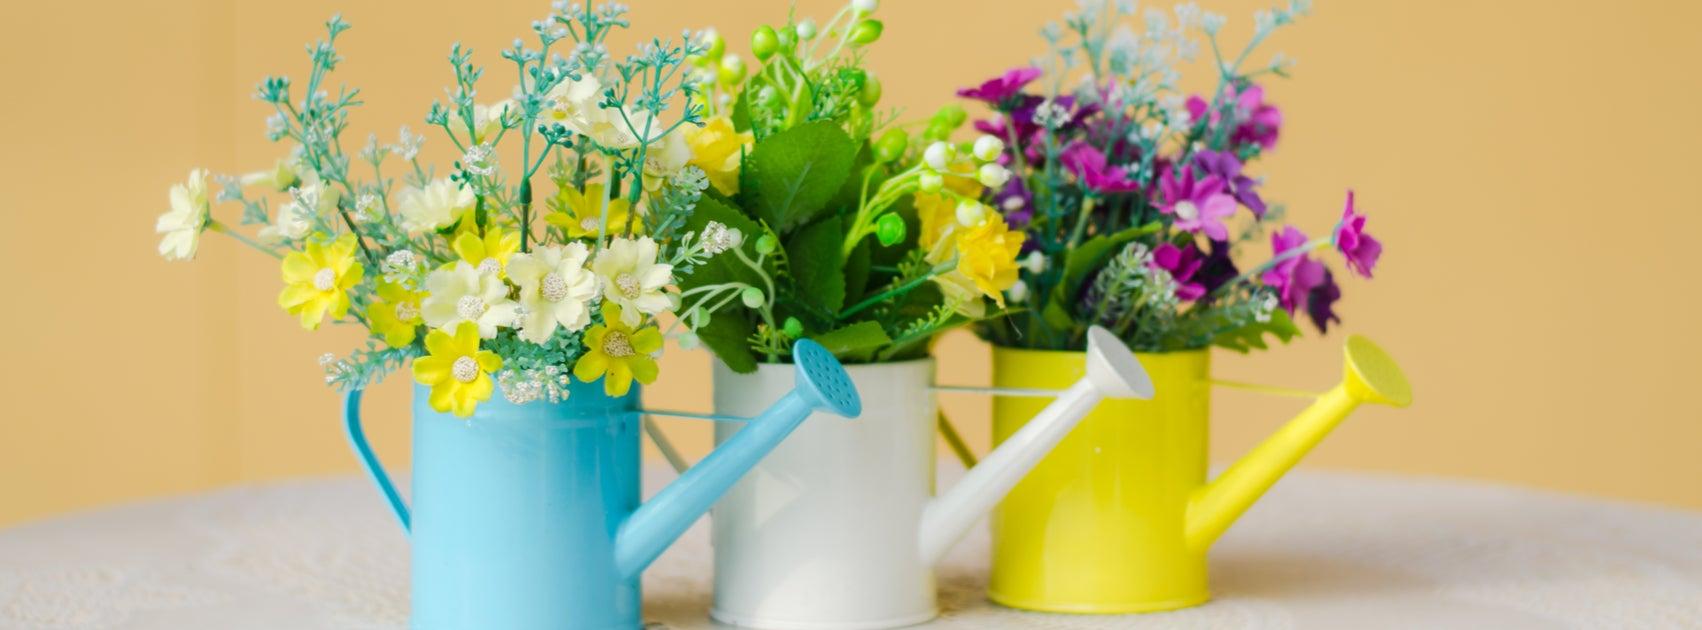 7 ideas para decorar con flores: hazlo tú mismo